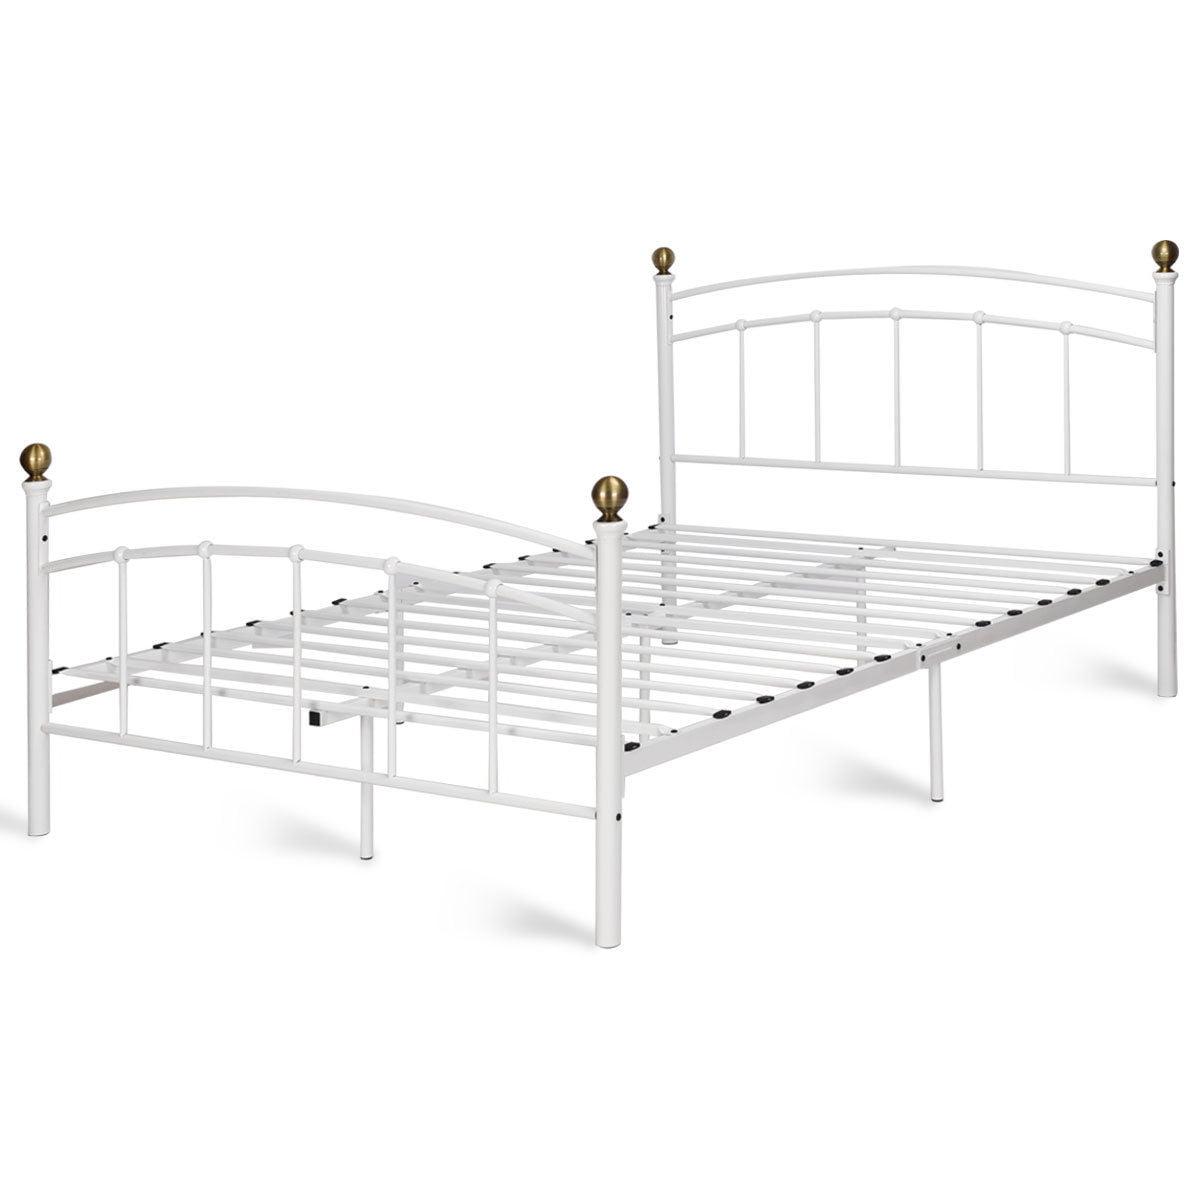 """12"""" Full Size Metal Bed Frame Platform Slat Support Headboard Footboard - image 3 de 10"""